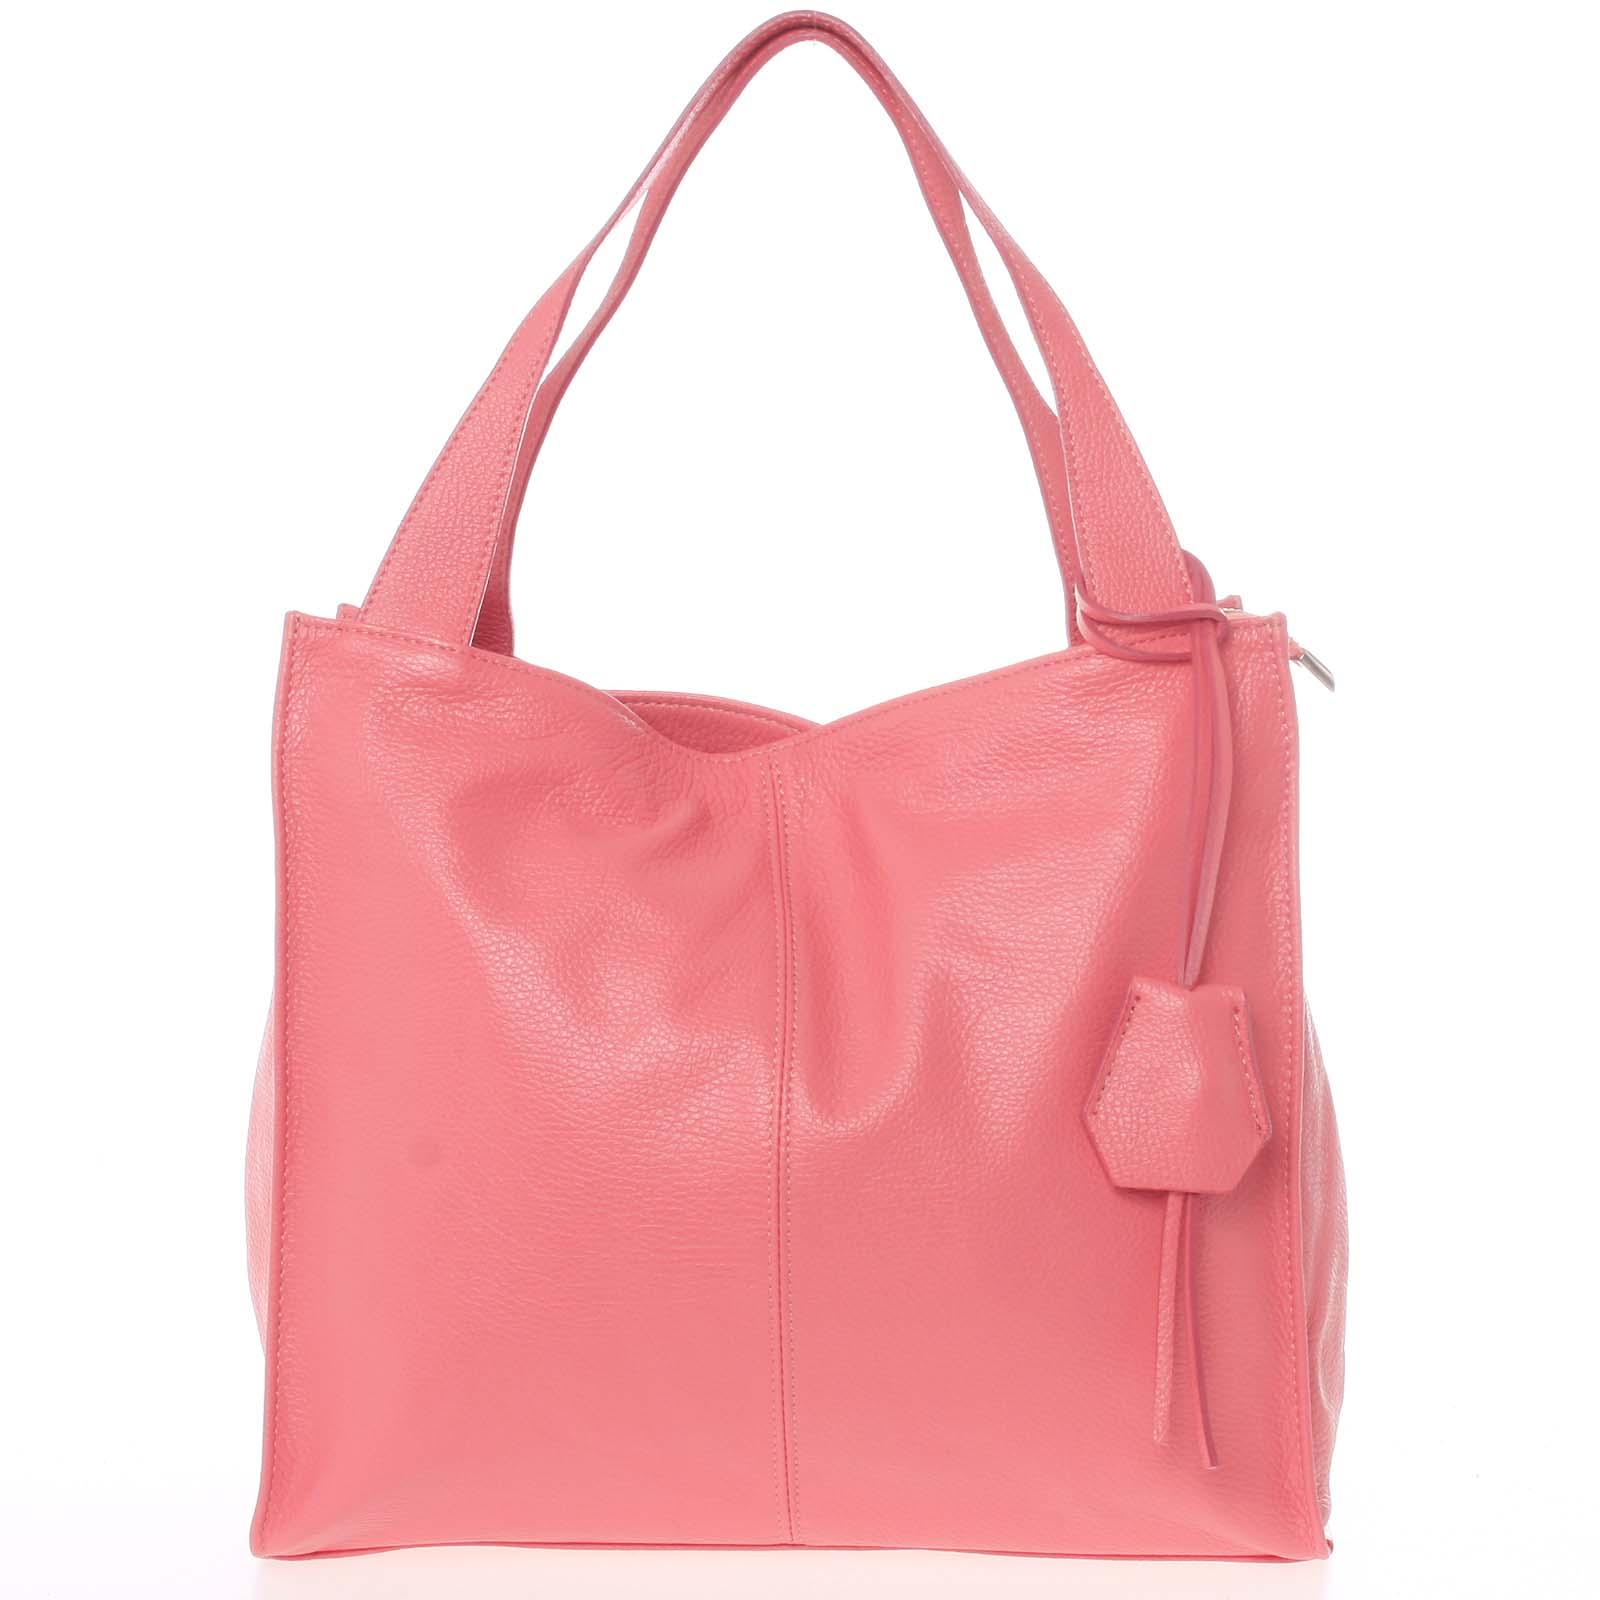 Elegantná ružová kožená kabelka cez rameno - ItalY Nyse